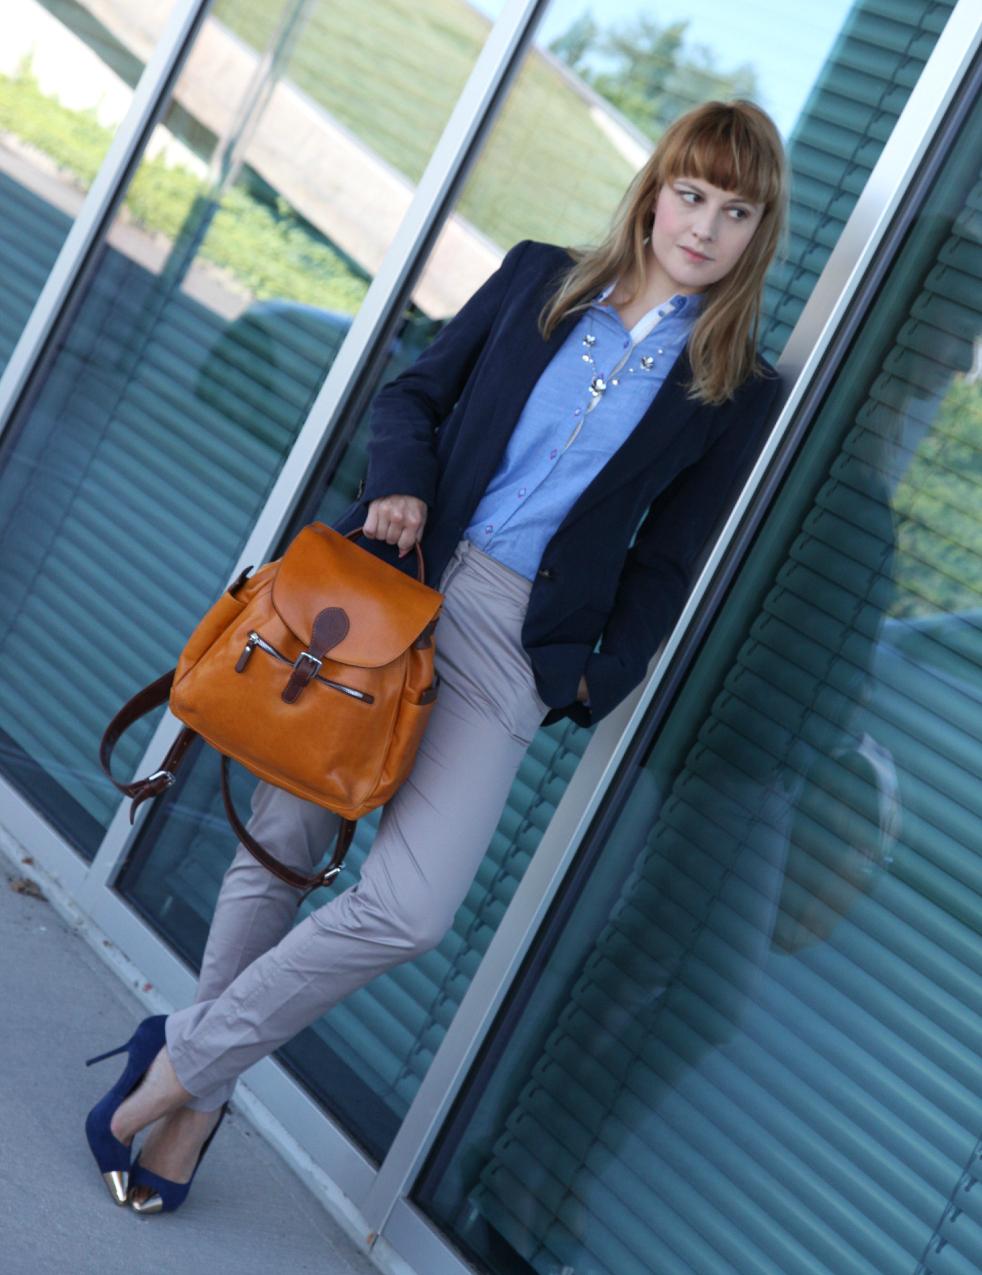 Una camicia azzurra, parole e silenzi, alessia milanese, thechilicool, fashion blog, fashion blogger, cuoieria fiorentina